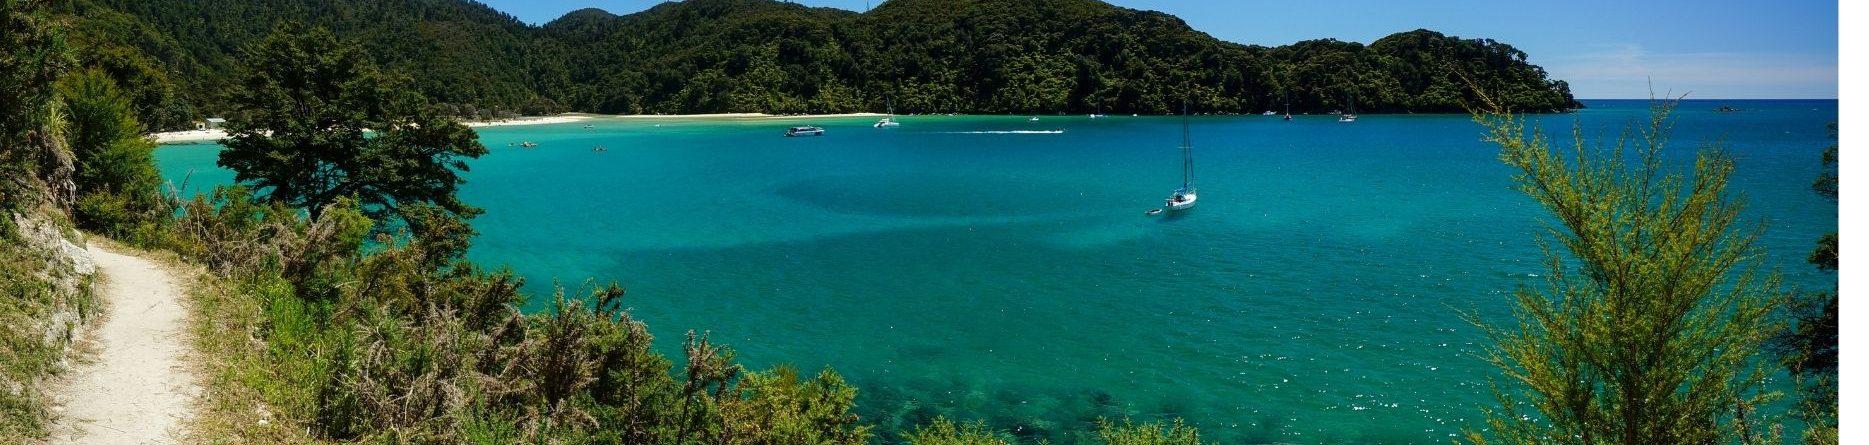 Пляжный отдых в Новой Зеландии и меры безопасности